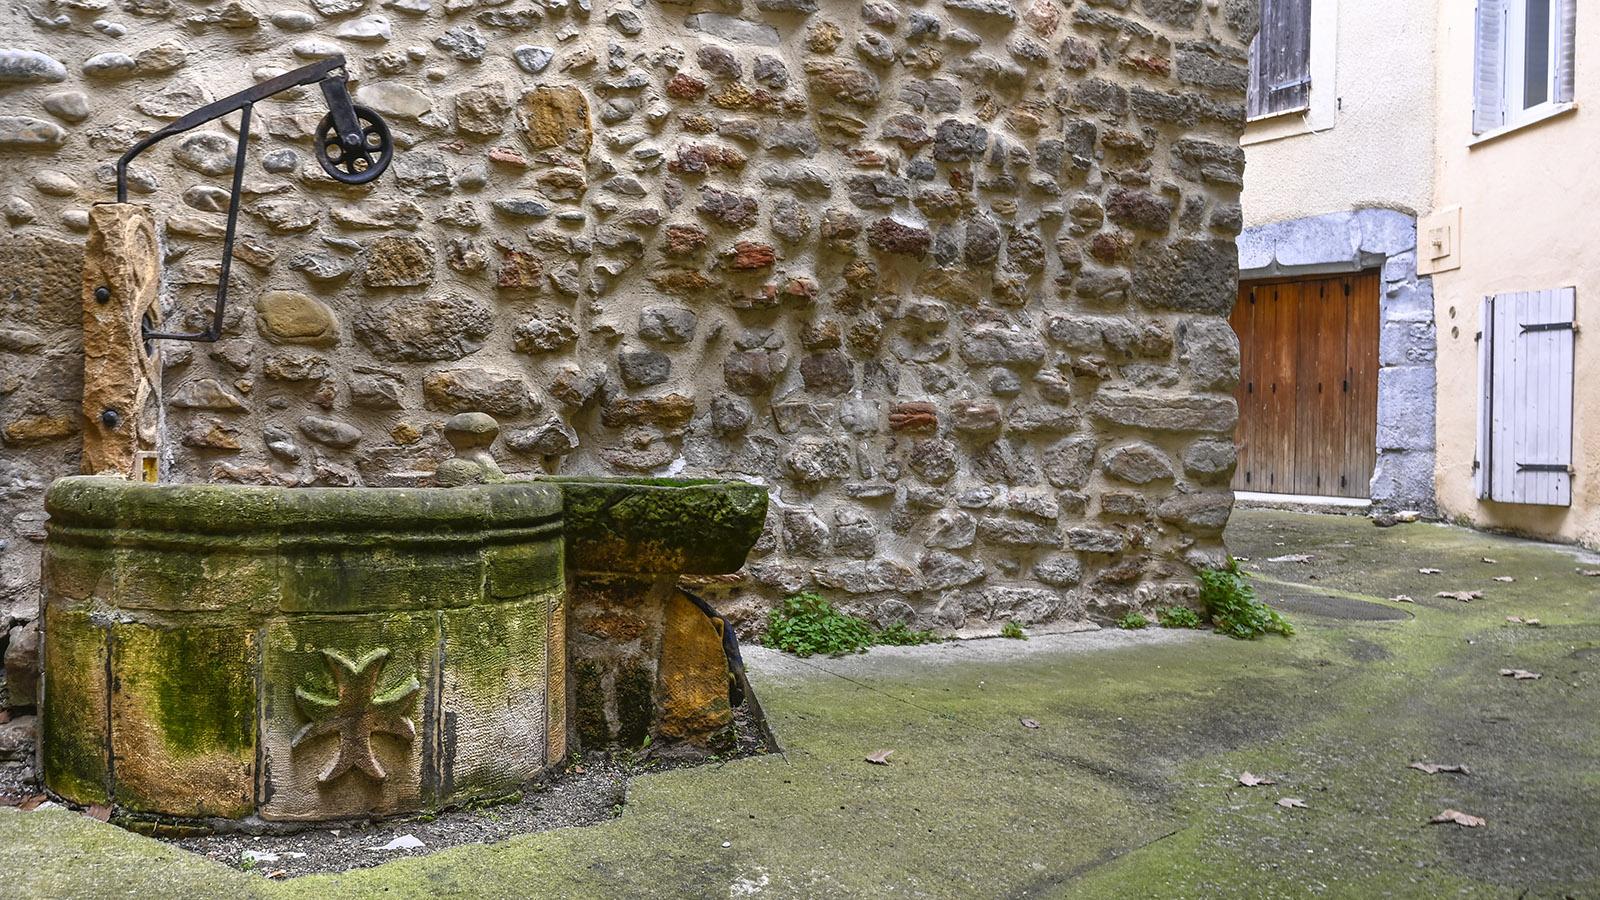 Campagne-sur-Aude: der mittelalterliche Brunnen des Templerkastells. Foto: Hilke Maunder